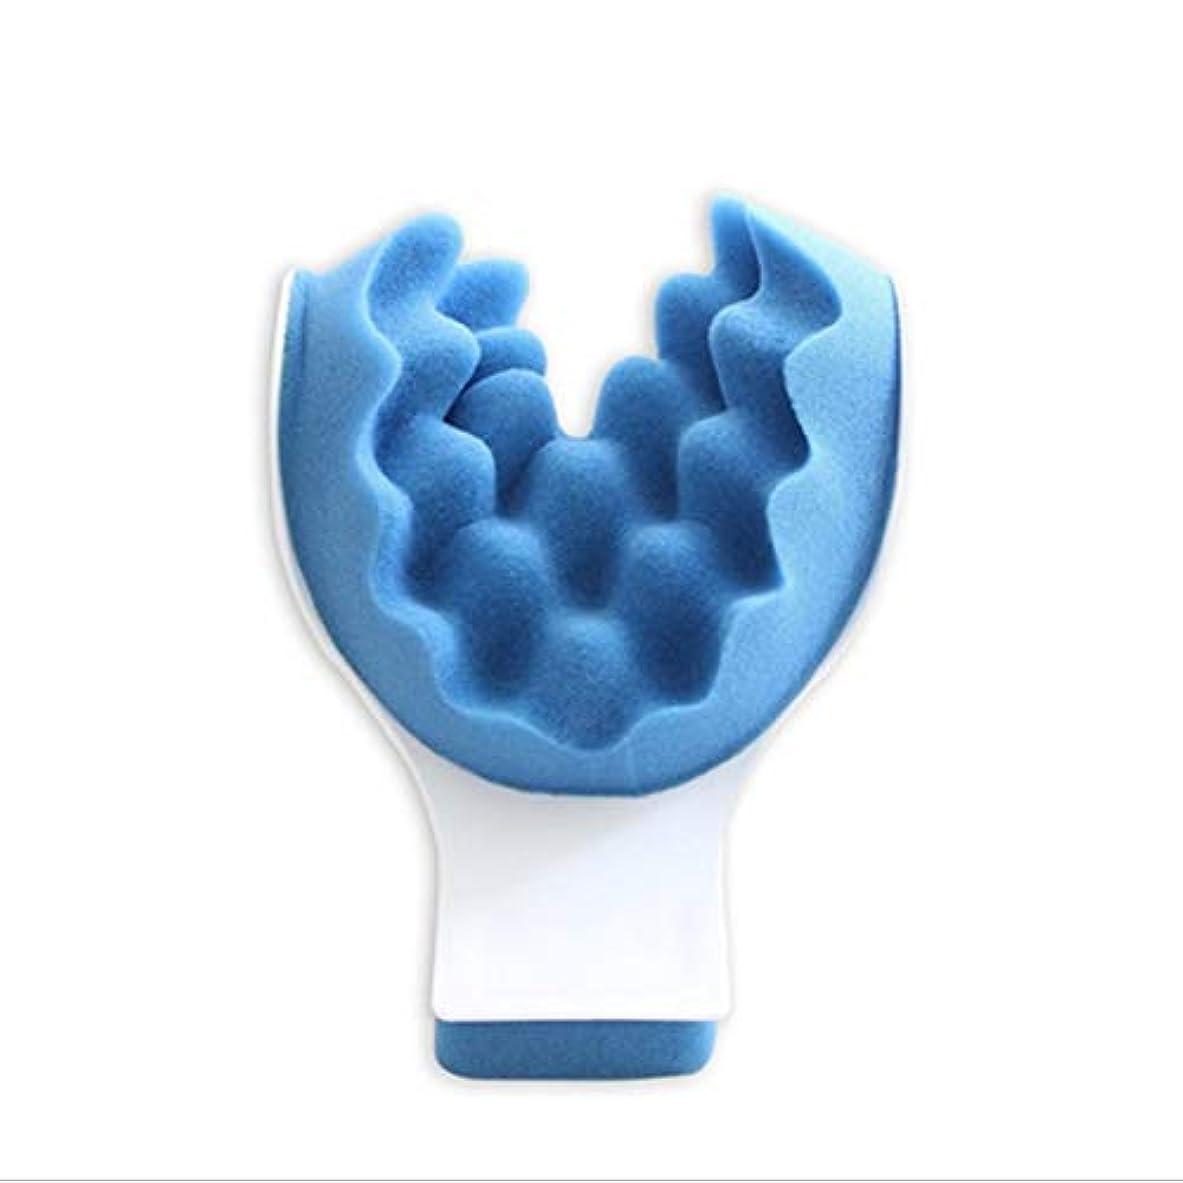 通貨余分な高度なマッスルテンションリリーフタイトネスと痛みの緩和セラピーティックネックサポートテンションリリーフネック&ショルダーリラクサー - ブルー